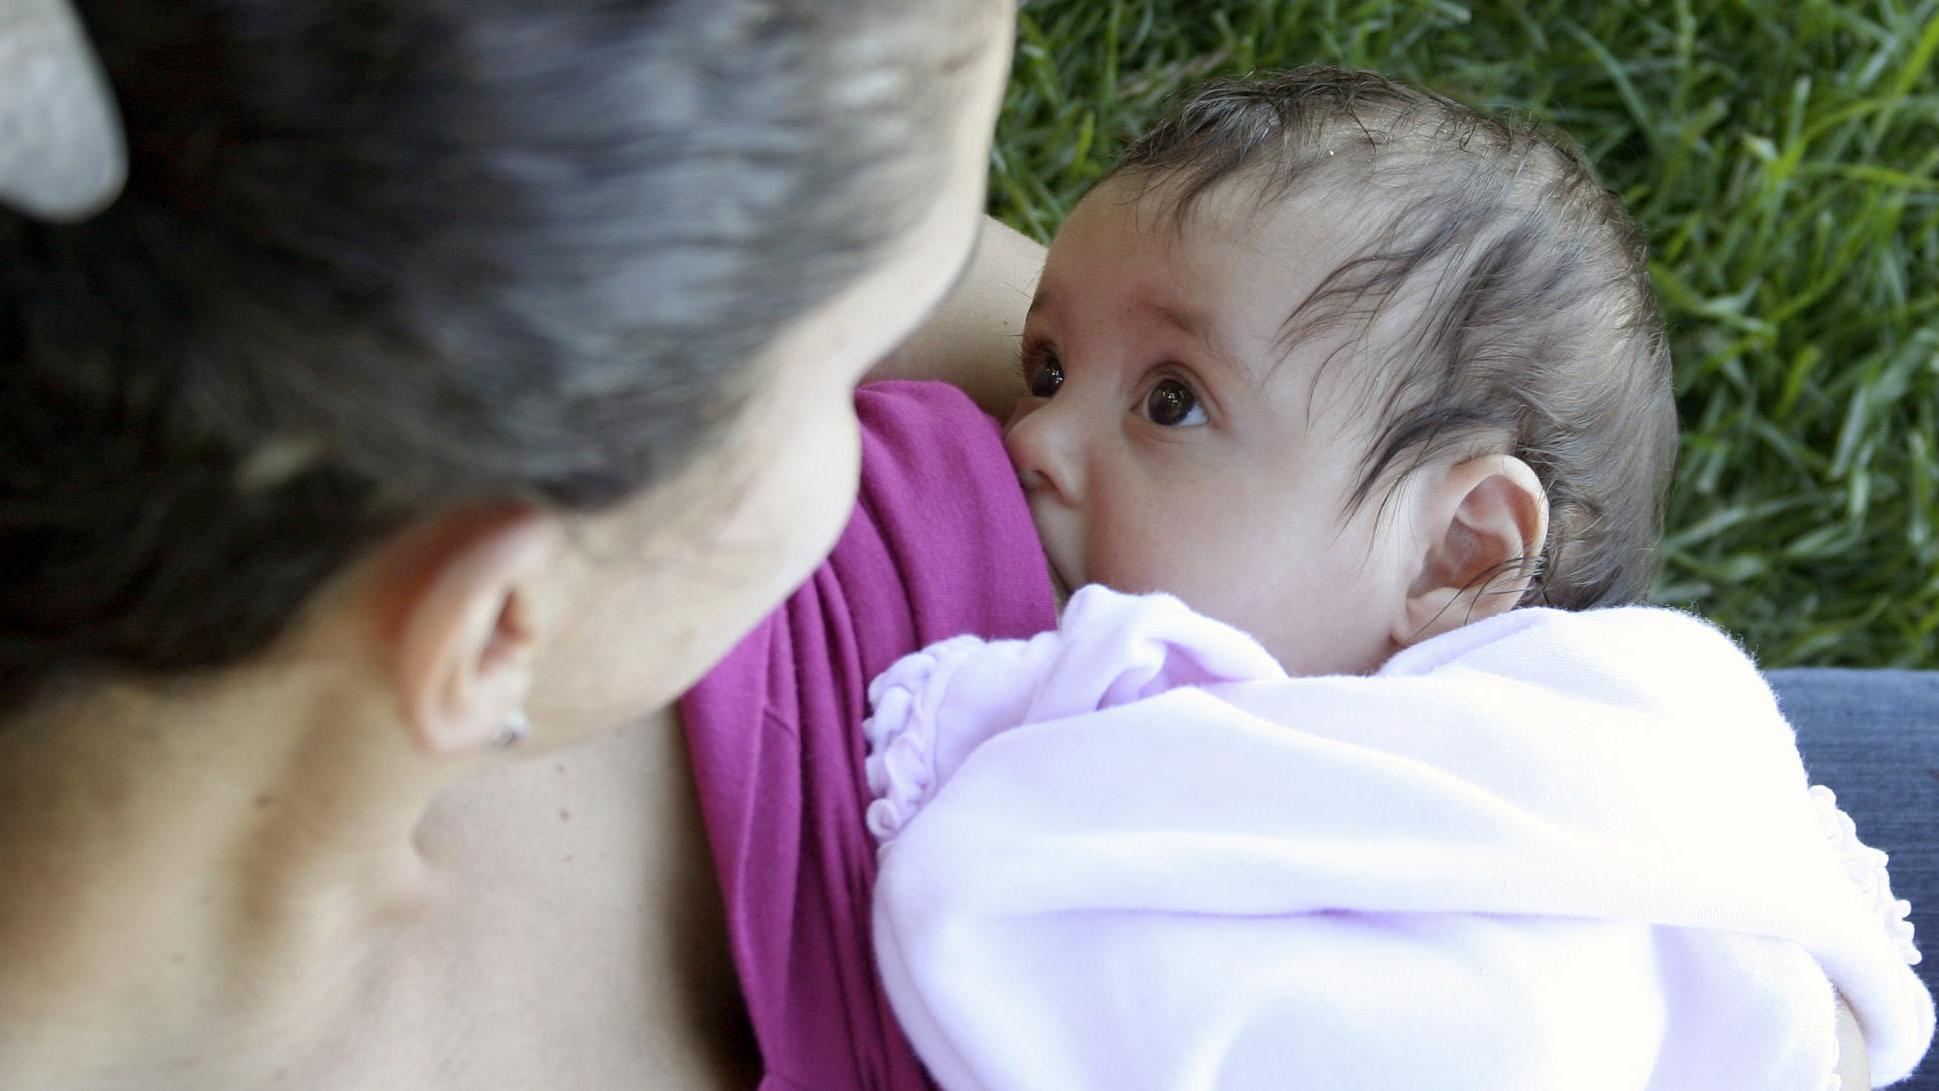 吃母乳的孩子和吃奶粉的孩子有什么不同?五方面差异很明显